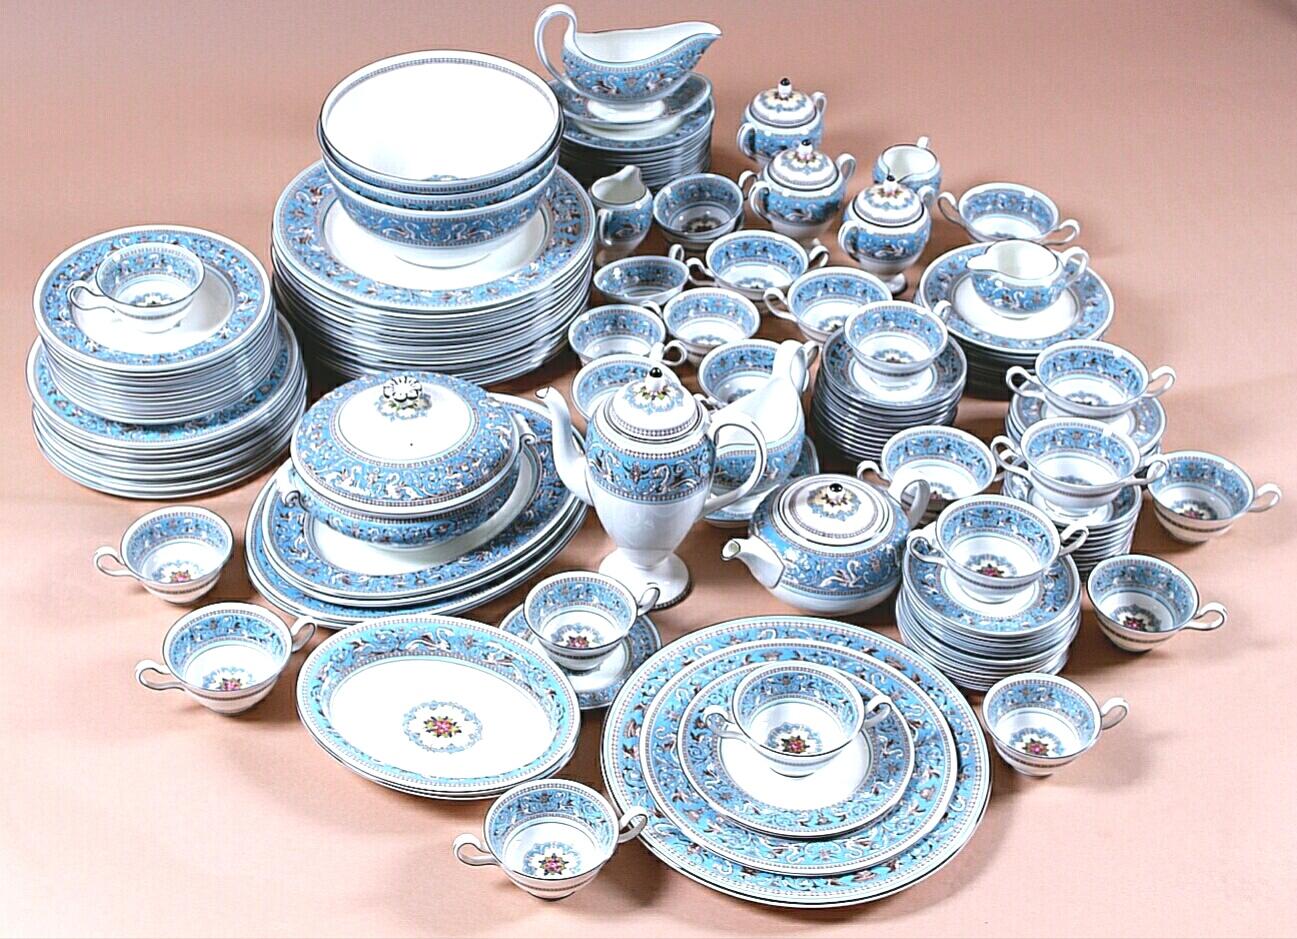 #1 Tableware | Teeservice Image